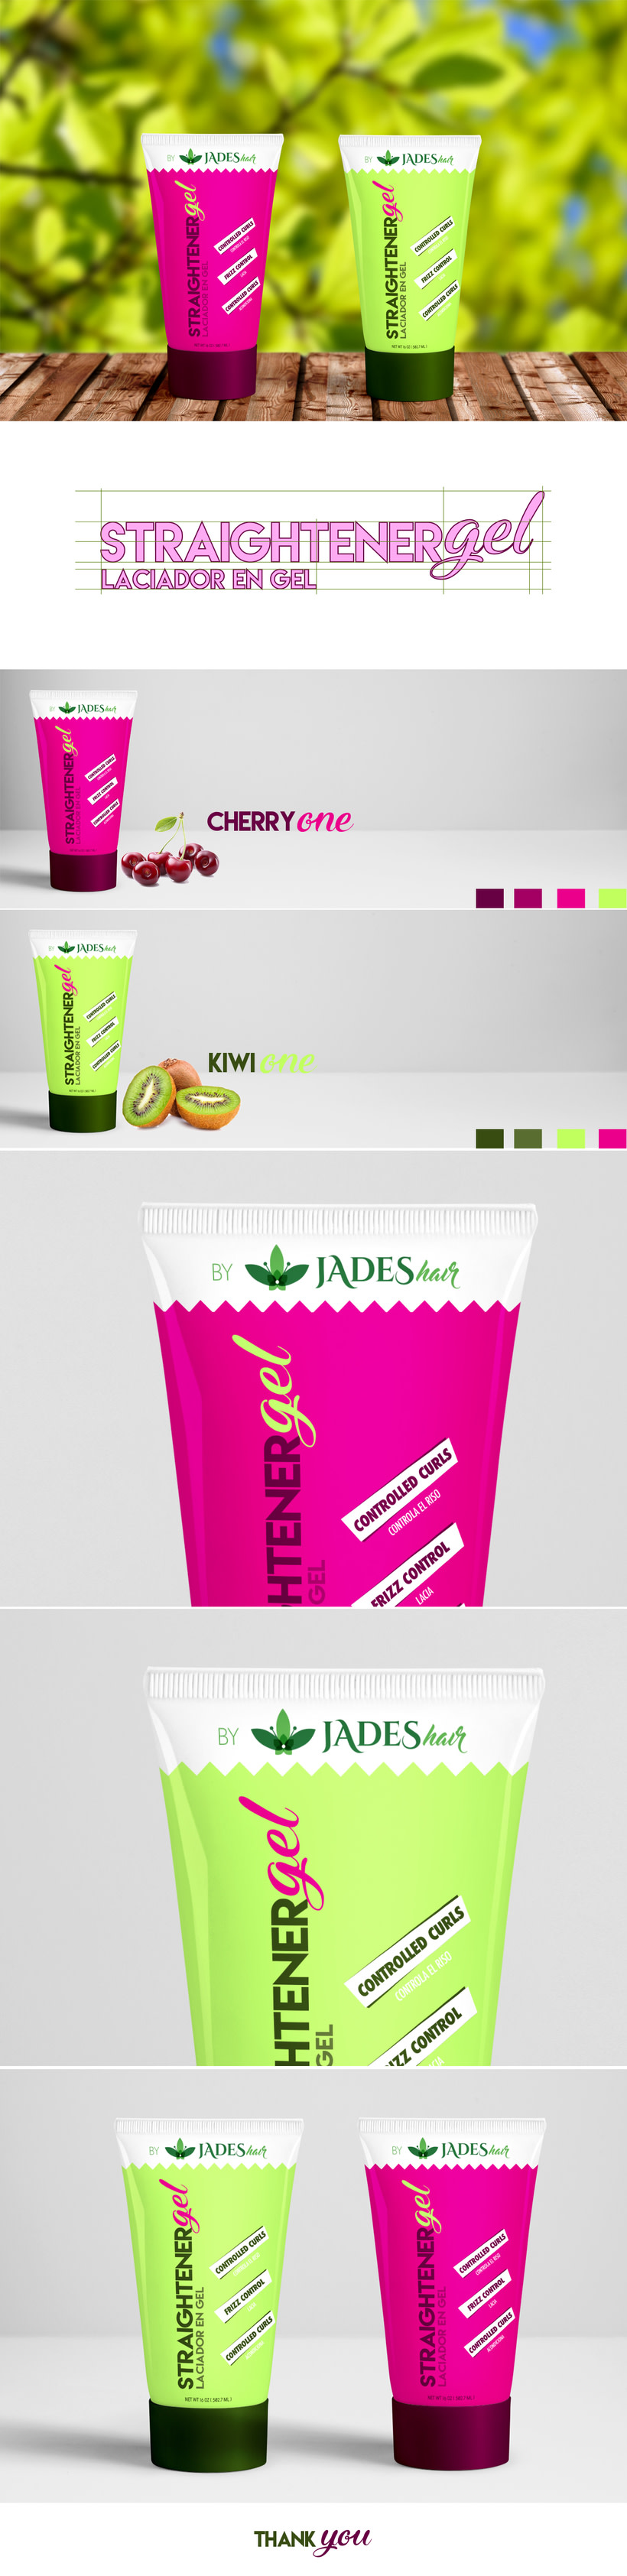 Stranightener Gel, Jades Hair -1